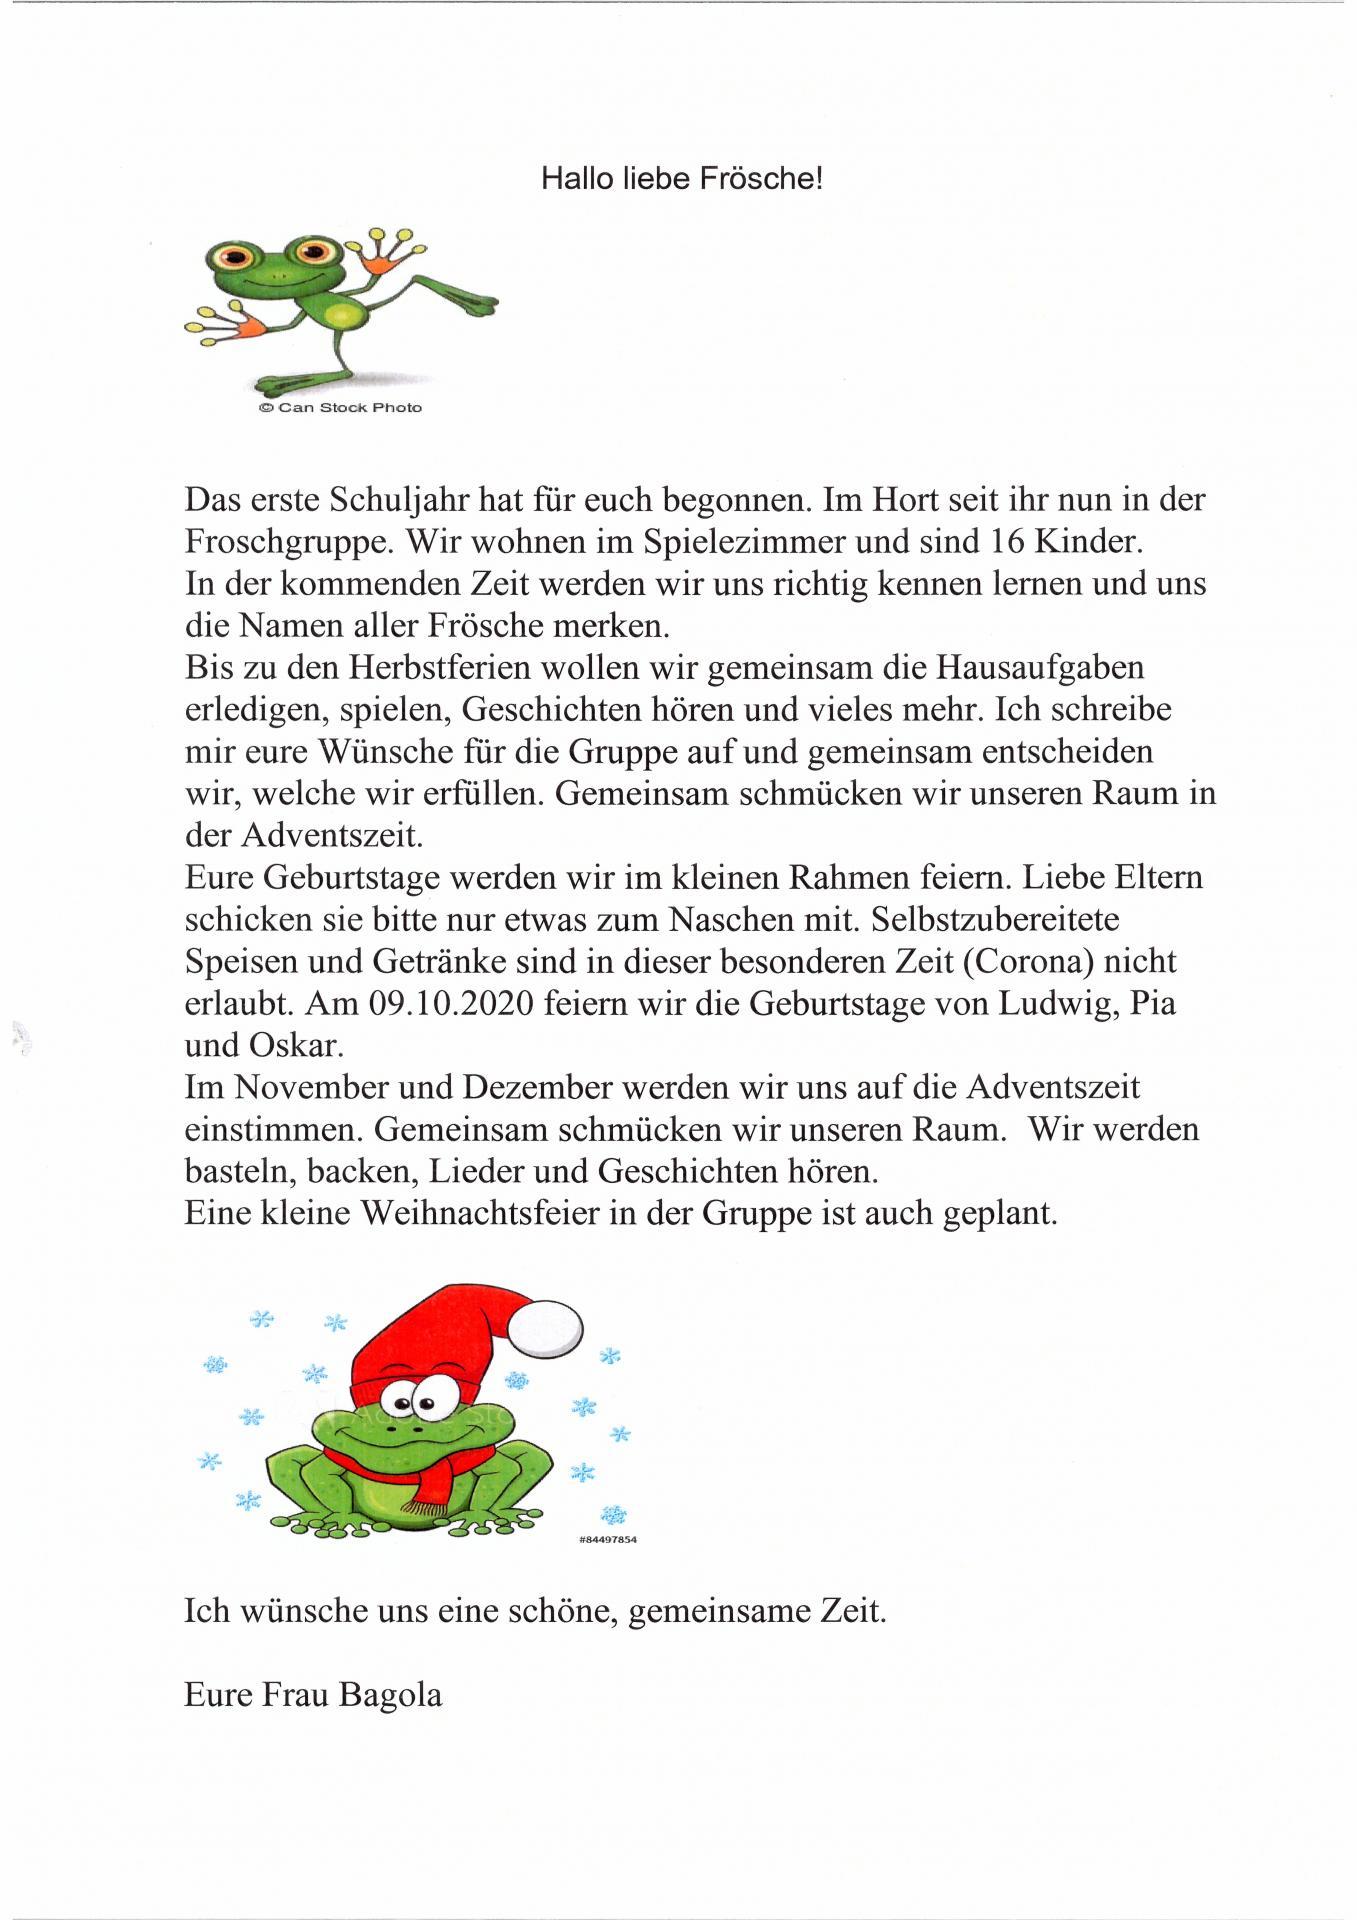 Lipablatt sept 2020 Frösche